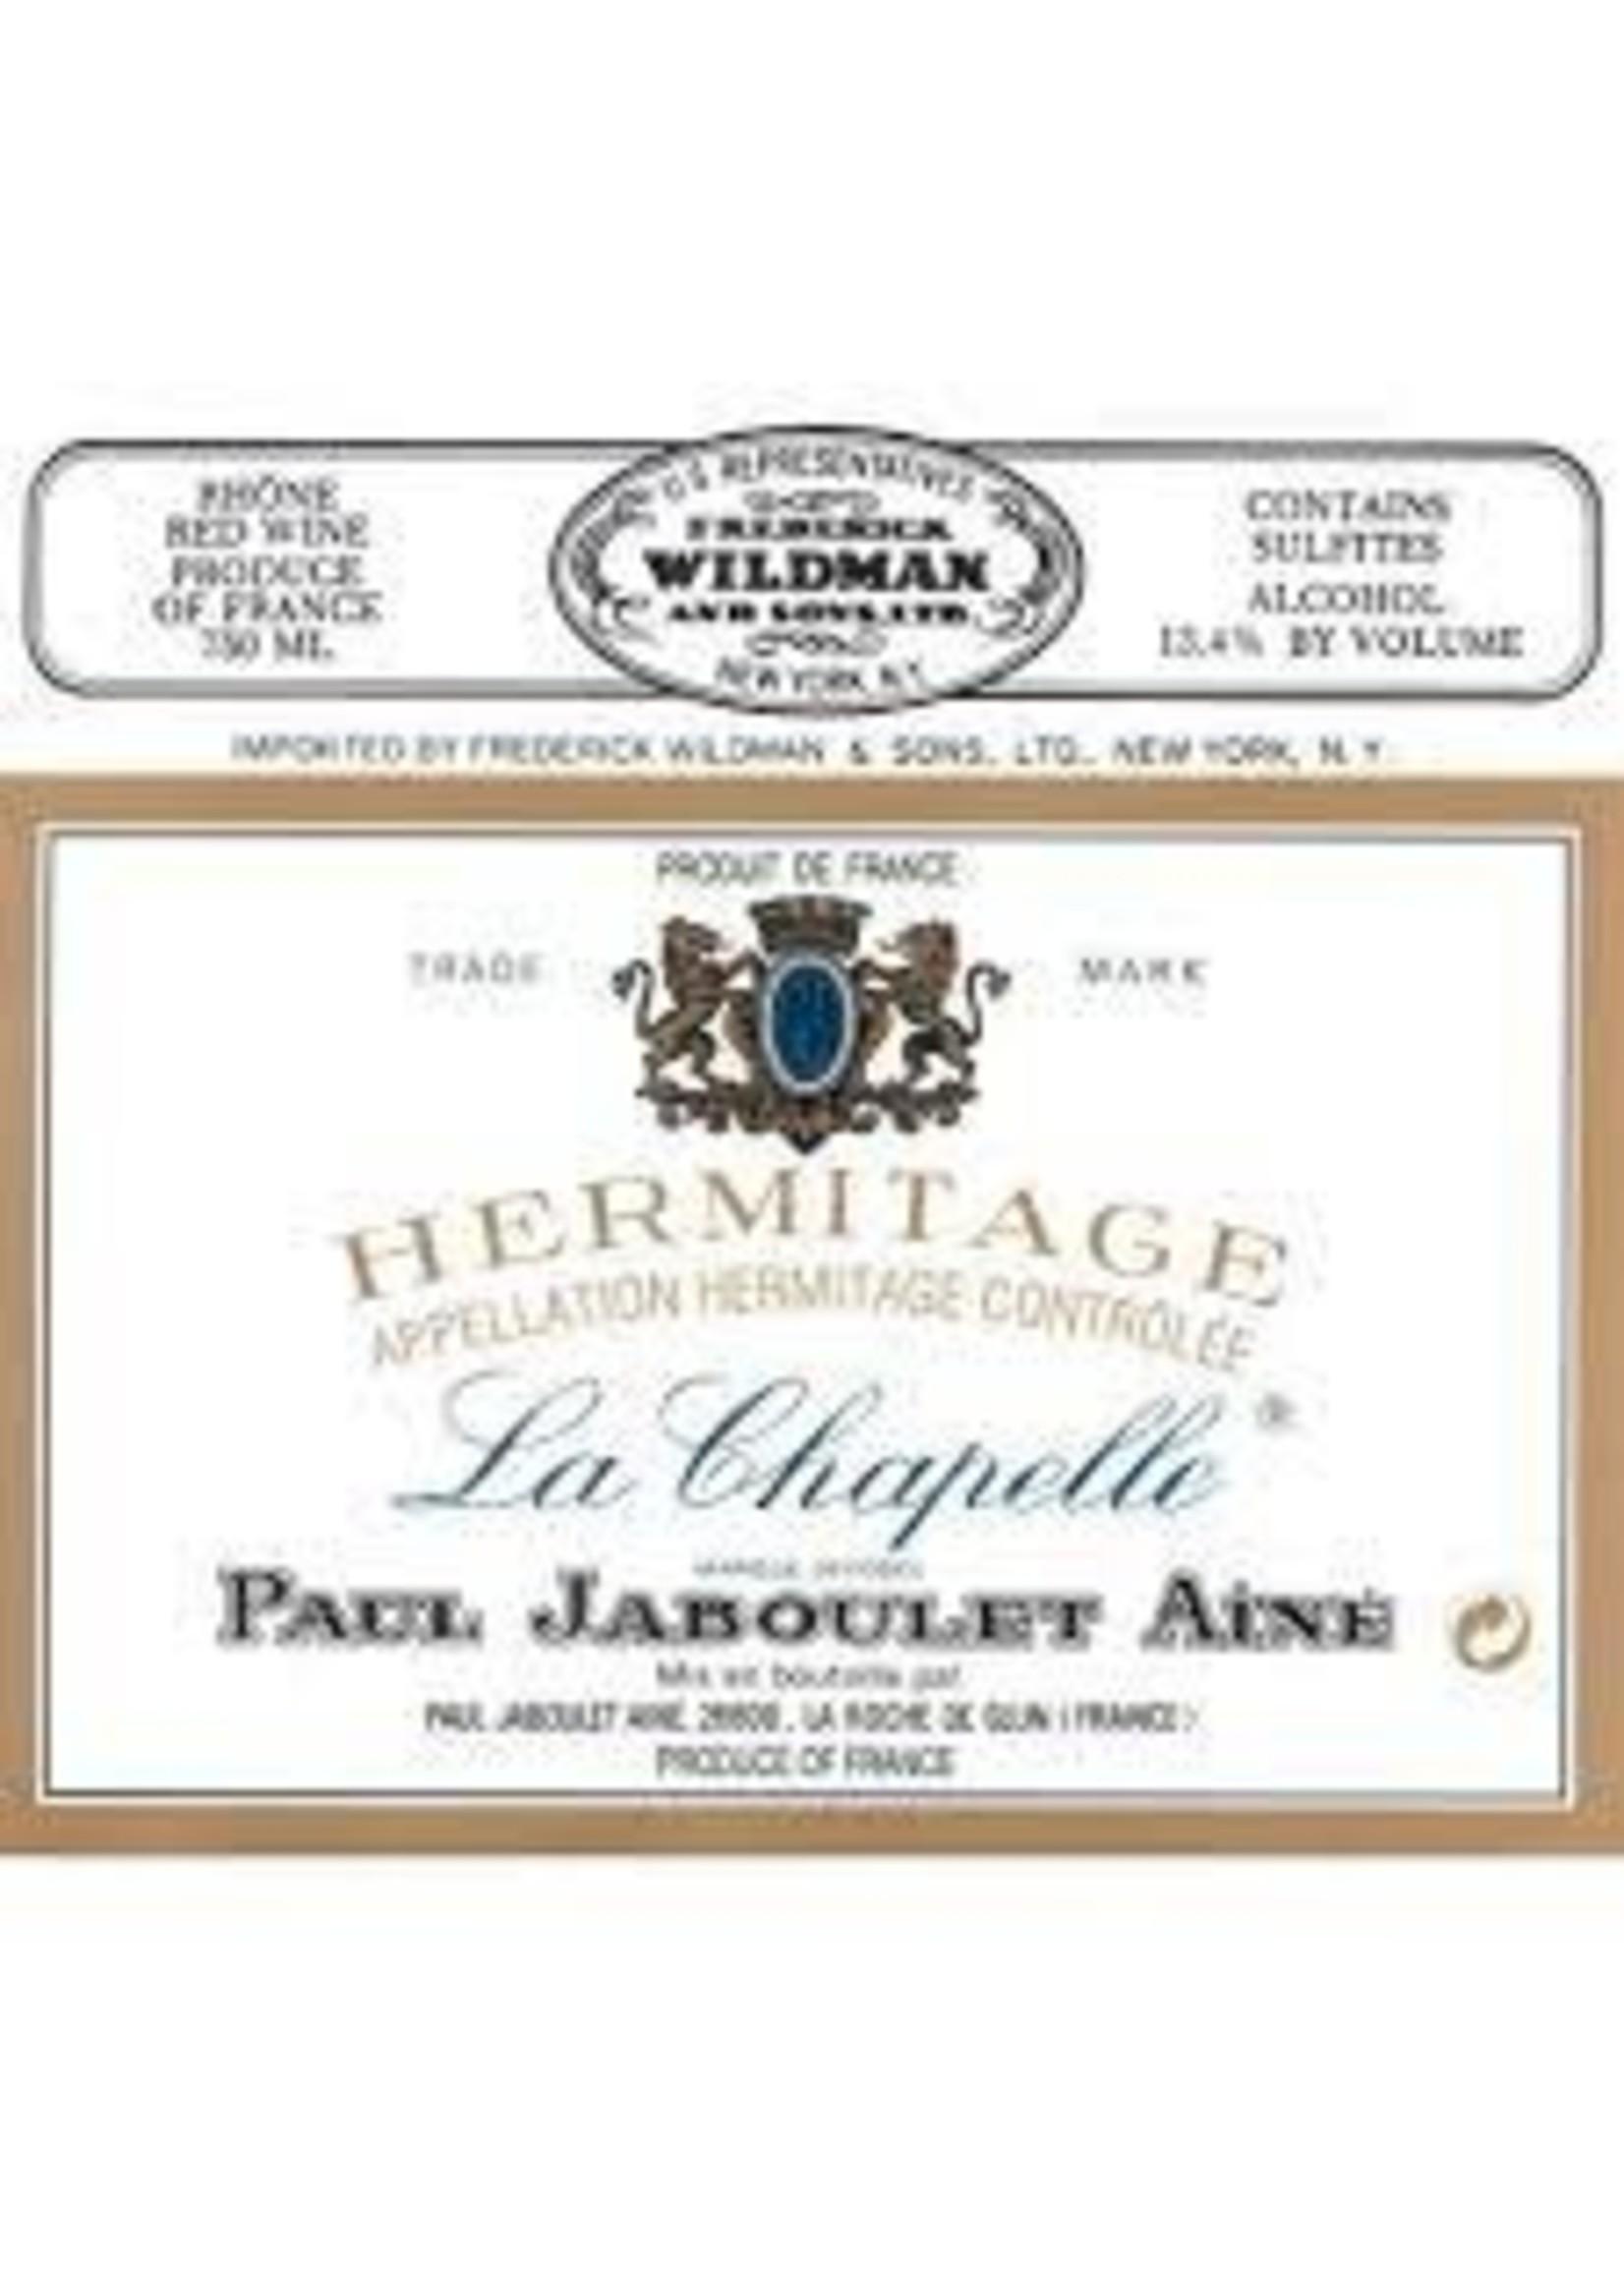 Paul Jaboulet 1994 Hermitage La Chapelle 3.0L [PRE-ARRIVAL]